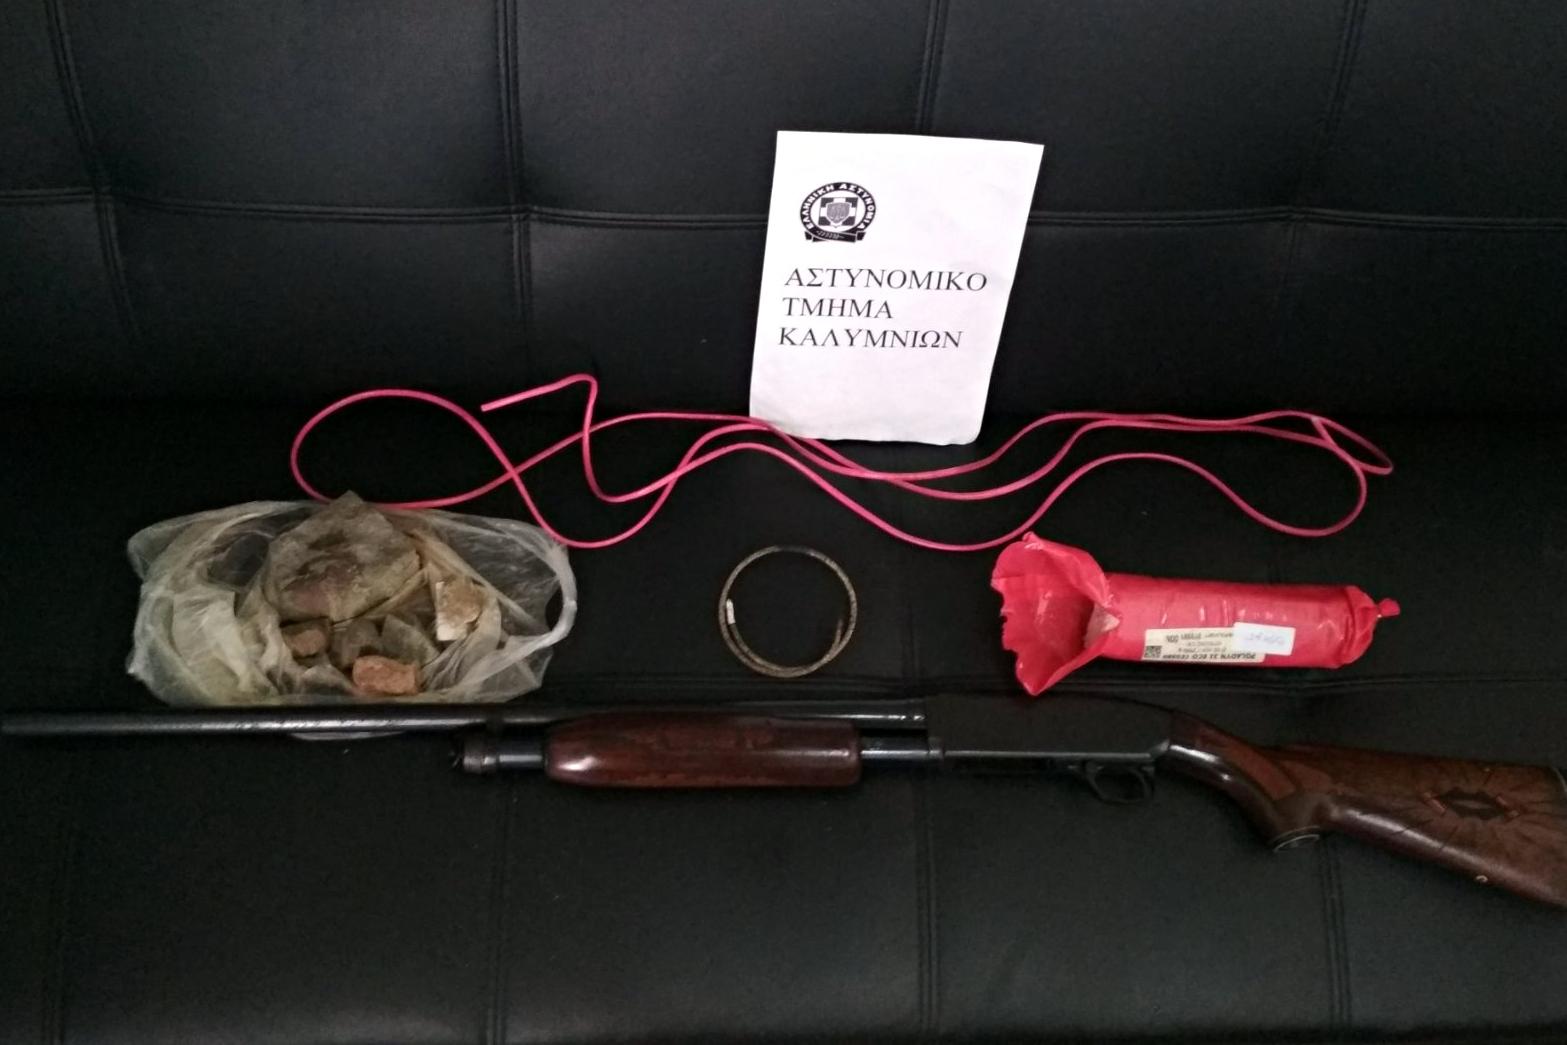 Συνελήφθη 55χρονος ημεδαπός για παράνομη κατοχή εκρηκτικών και όπλου στην Κάλυμνο